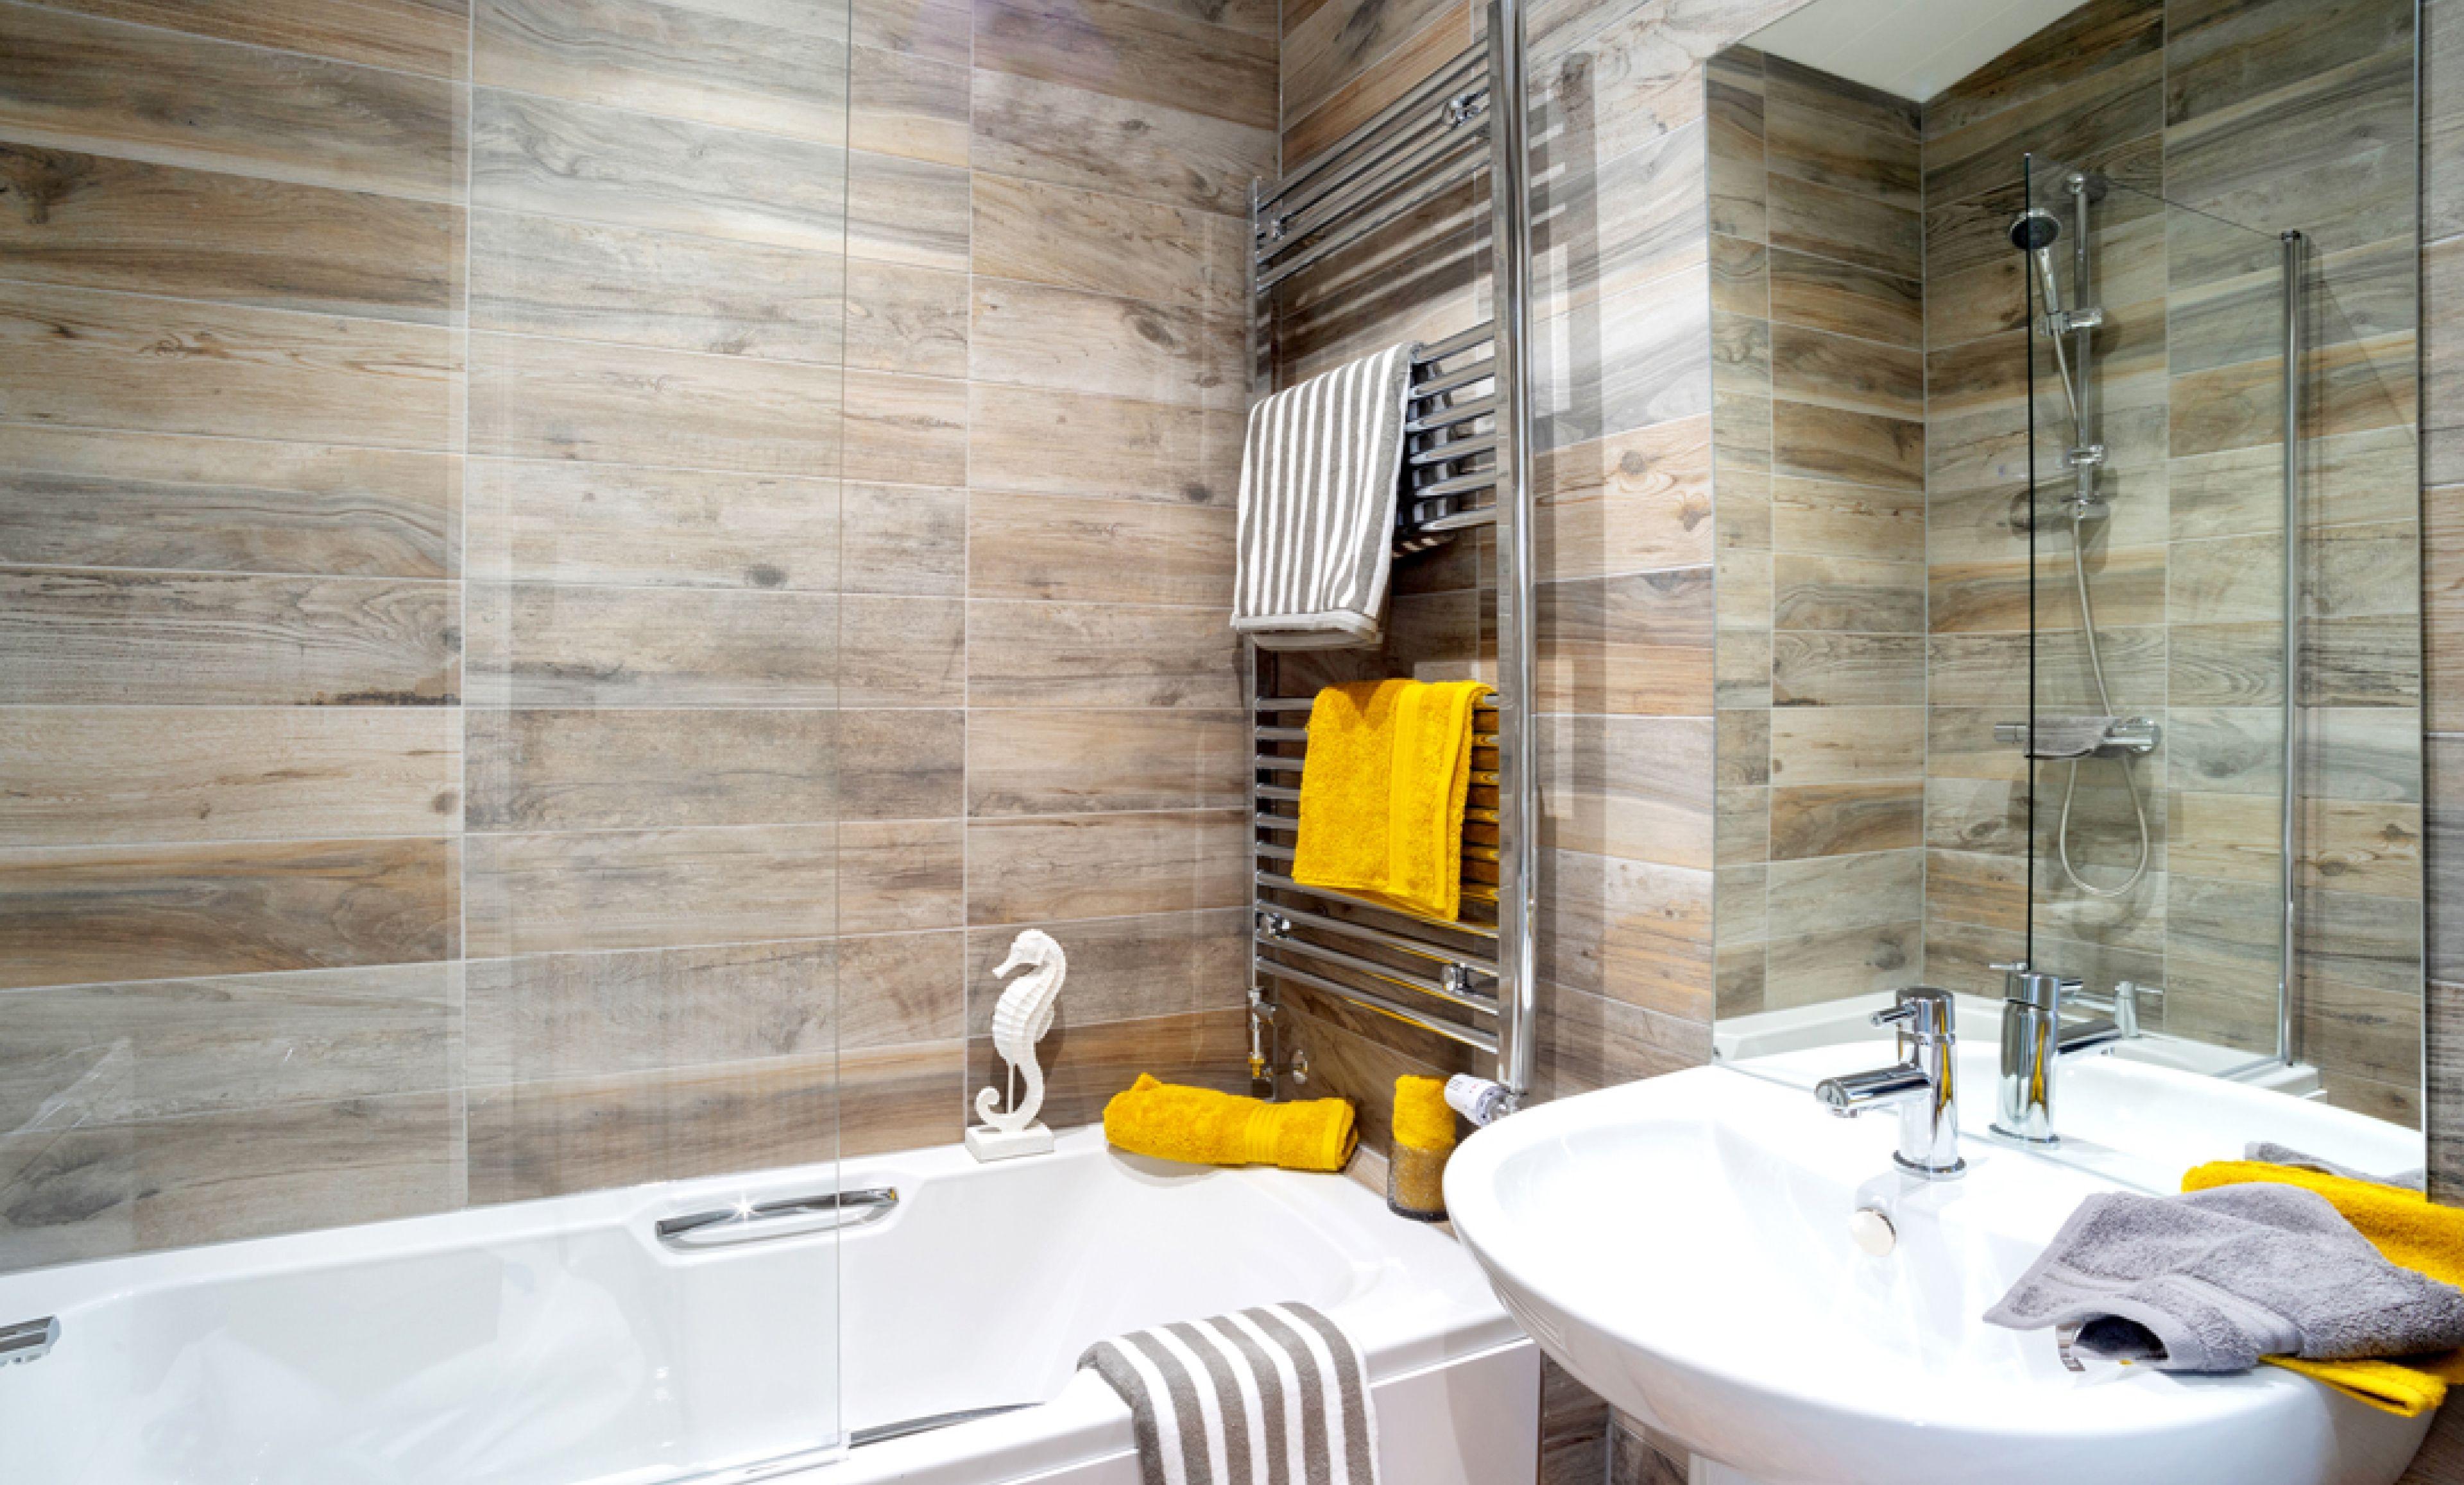 The Savannah - Bathroom